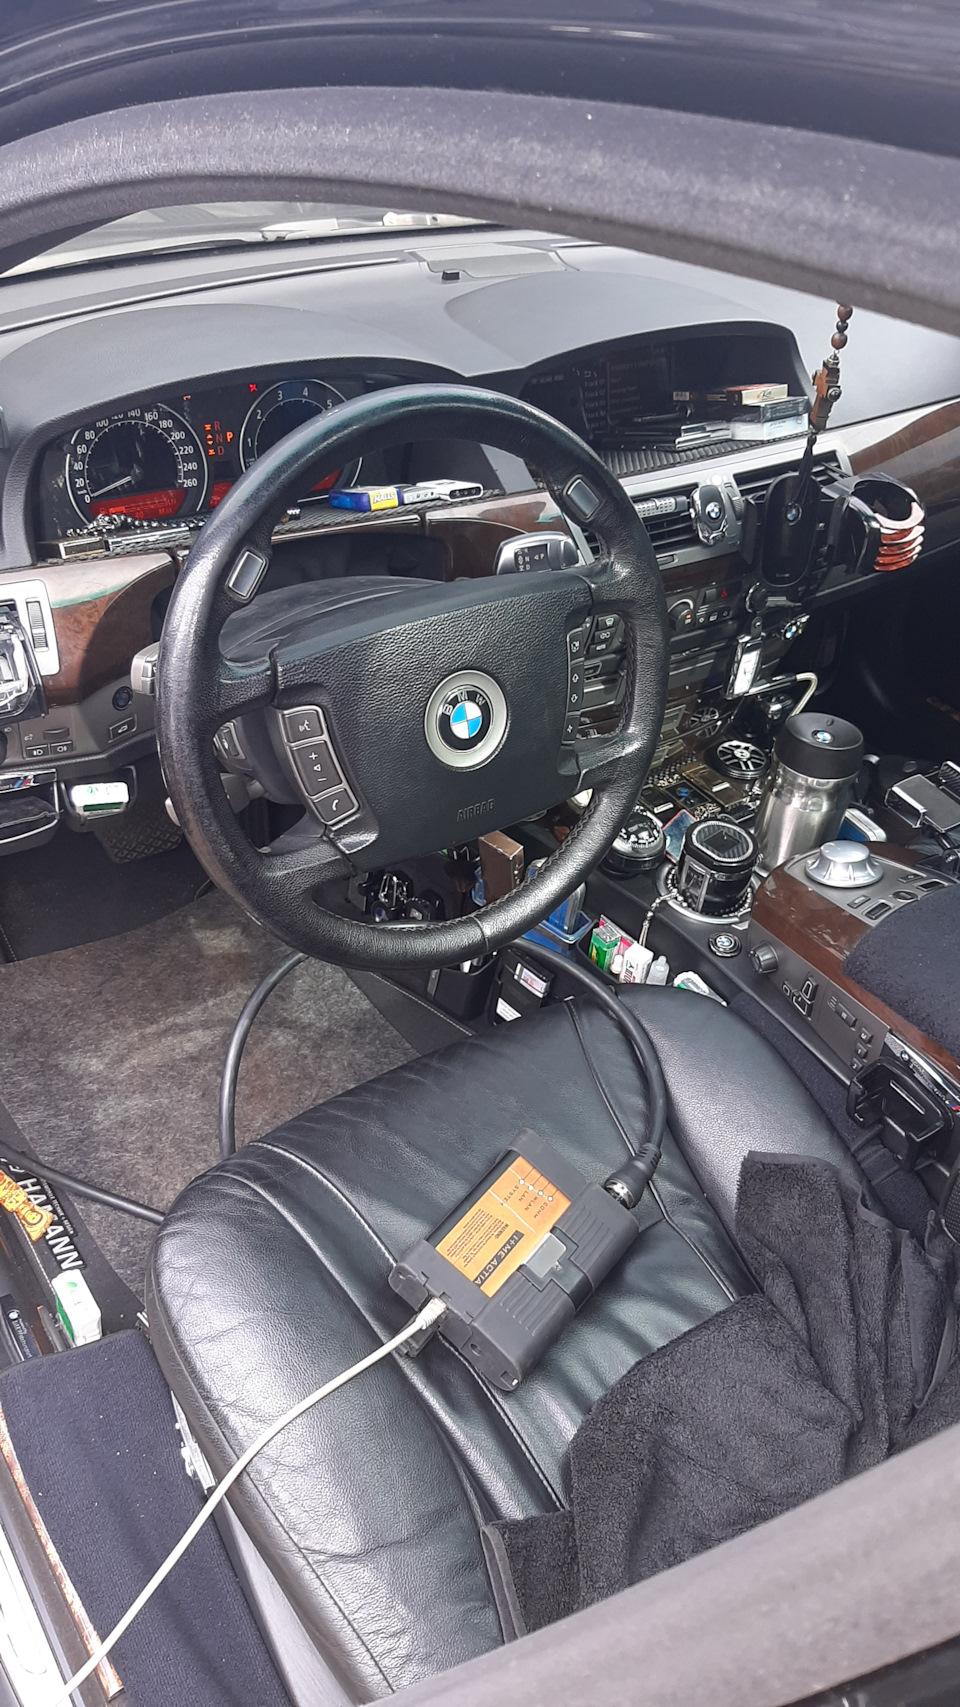 Filléres kínai kütyükkel szórták tele az egykor elegáns BMW belterét 3